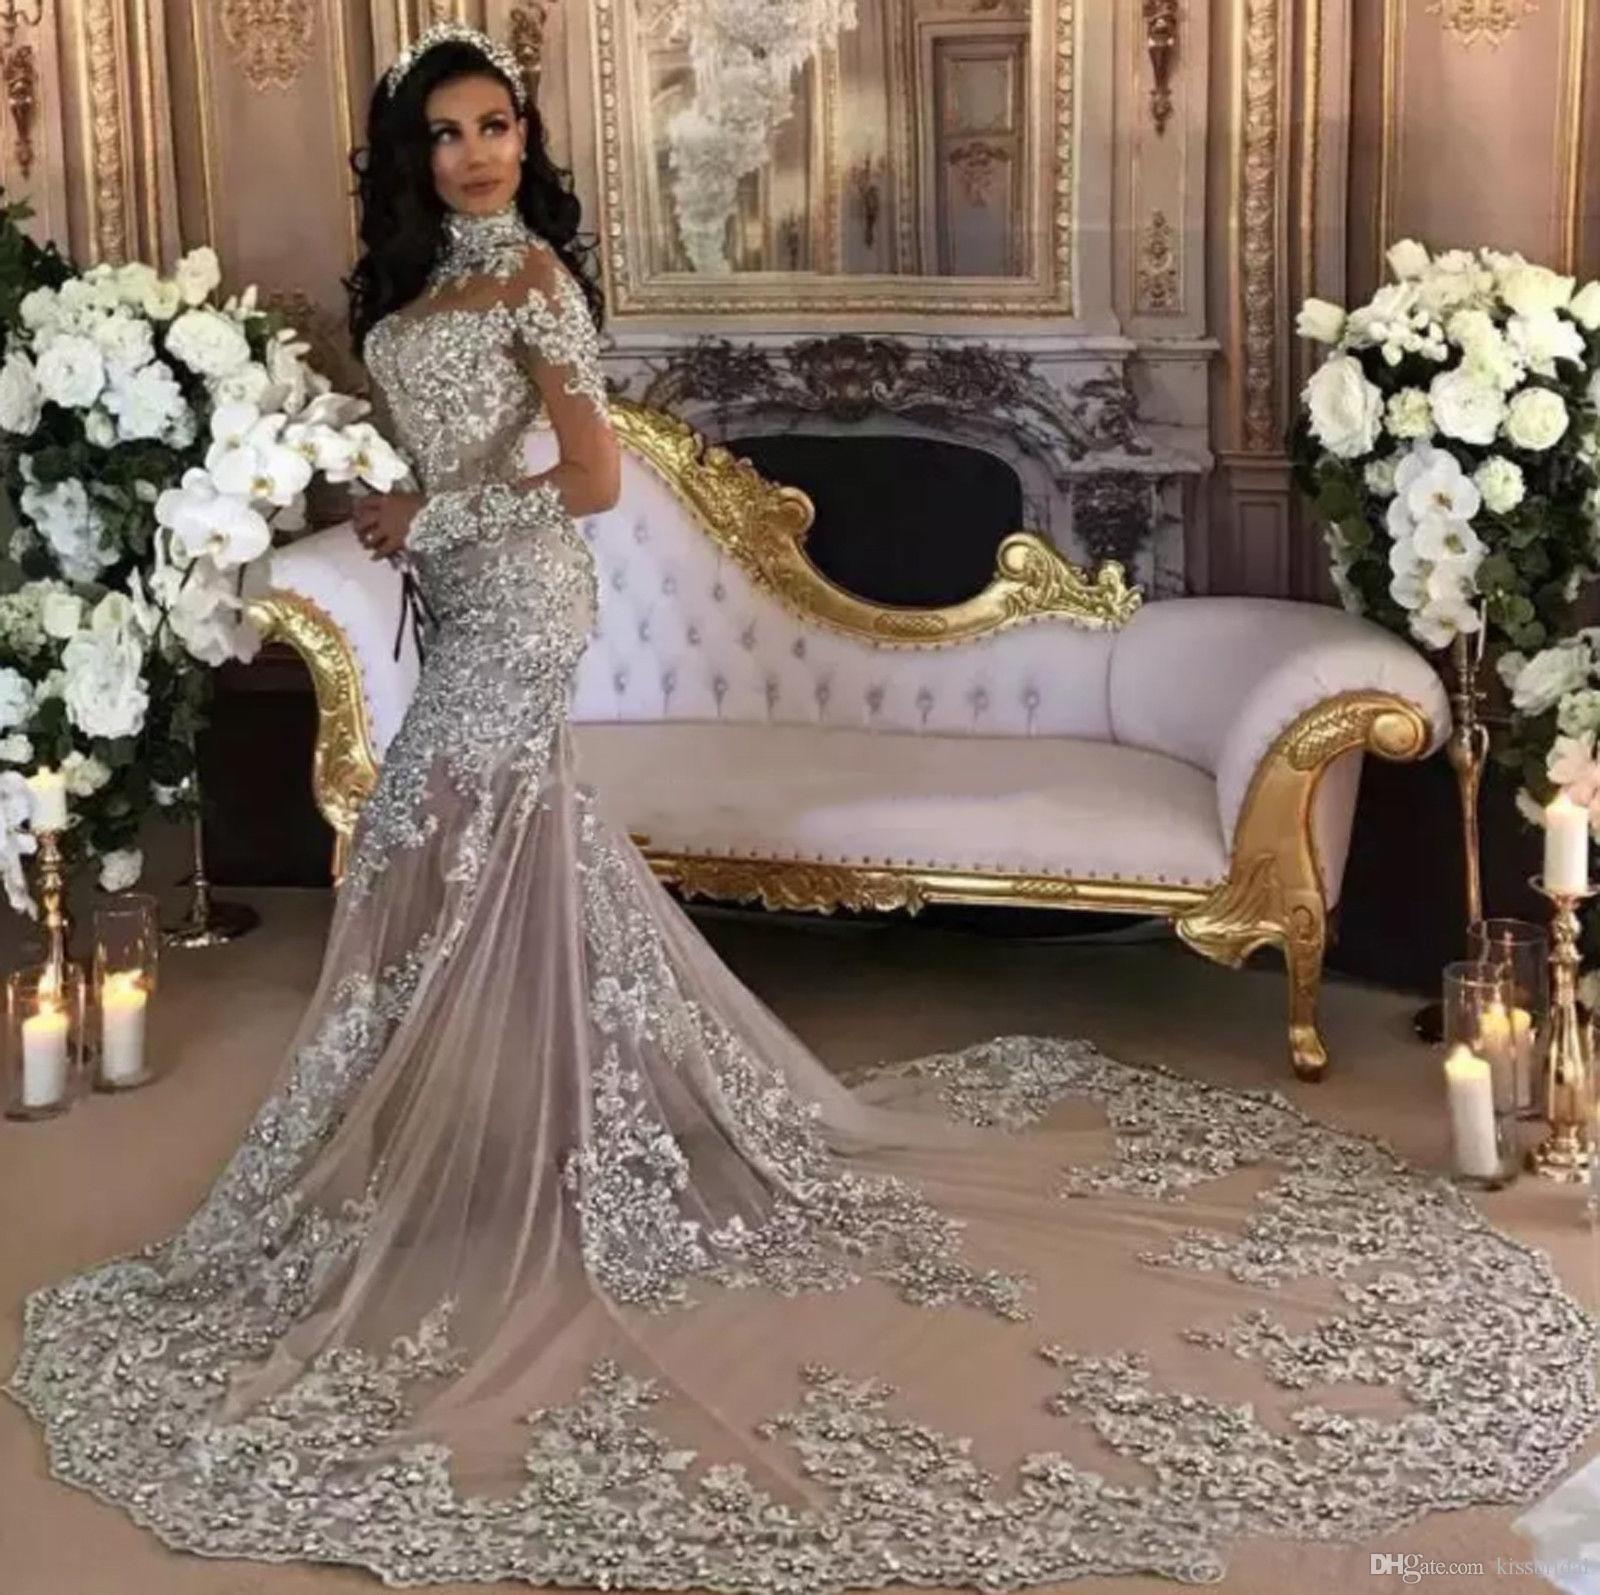 e93c37512 Compre Dubai Árabe Lujo Lujo Brillante 2019 Vestidos De Novia Sexy Con  Cuentas Con Cuentas Apliques Cuello Alto Ilusión Manga Larga Sirena Vestido  De Novia ...